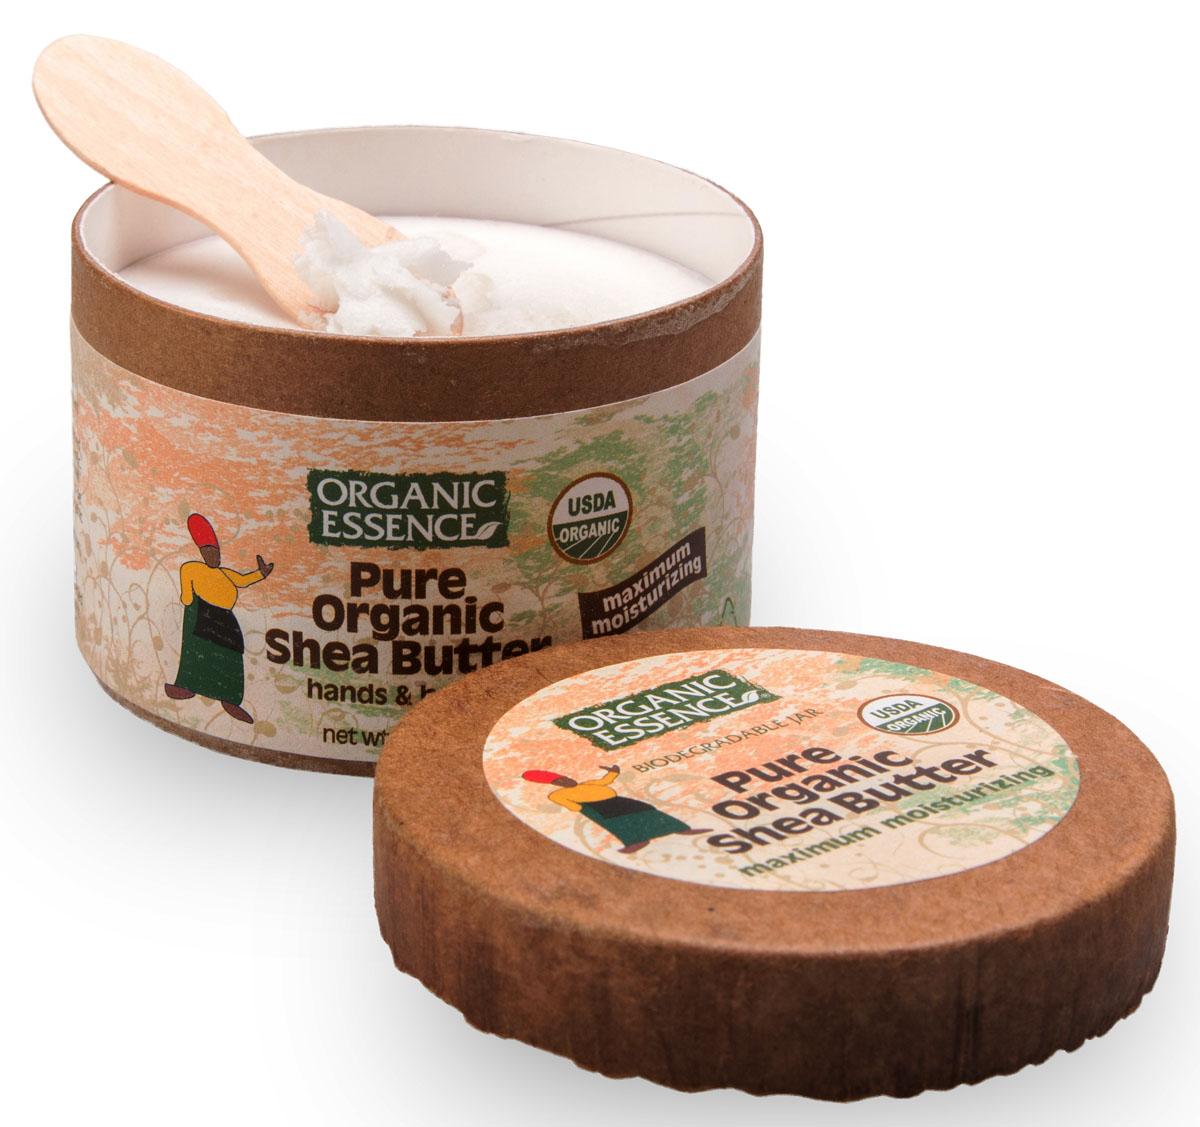 Organic Essence Чистое (100%) органическое масло Ши 57 гBCSHS100% органическое масло Ши произведено методом естественного холодного отжима из африканских орехов дерева Карите. Улучшает капиллярное кровообращение, является превосходным целителем и омолаживающим средством для проблемной, сухой или возрастной кожи. 100% органическое масло Ши Organic Essence с естественным ароматом, без каких либо отдушек. Необыкновенная польза продукта достигается за счёт высокого содержания стеариновой и олеиновой жирных кислот. Эти жирные кислоты, увлажняя кожу, помогают сохранить надолго её эластичность. В производстве масла Ши не используются растворители или любые химические вещества, помогая сохранить высокие стандарты чистоты продукта с добавлением знака Baby Safe. USDA Organic сертифицированный продукт.